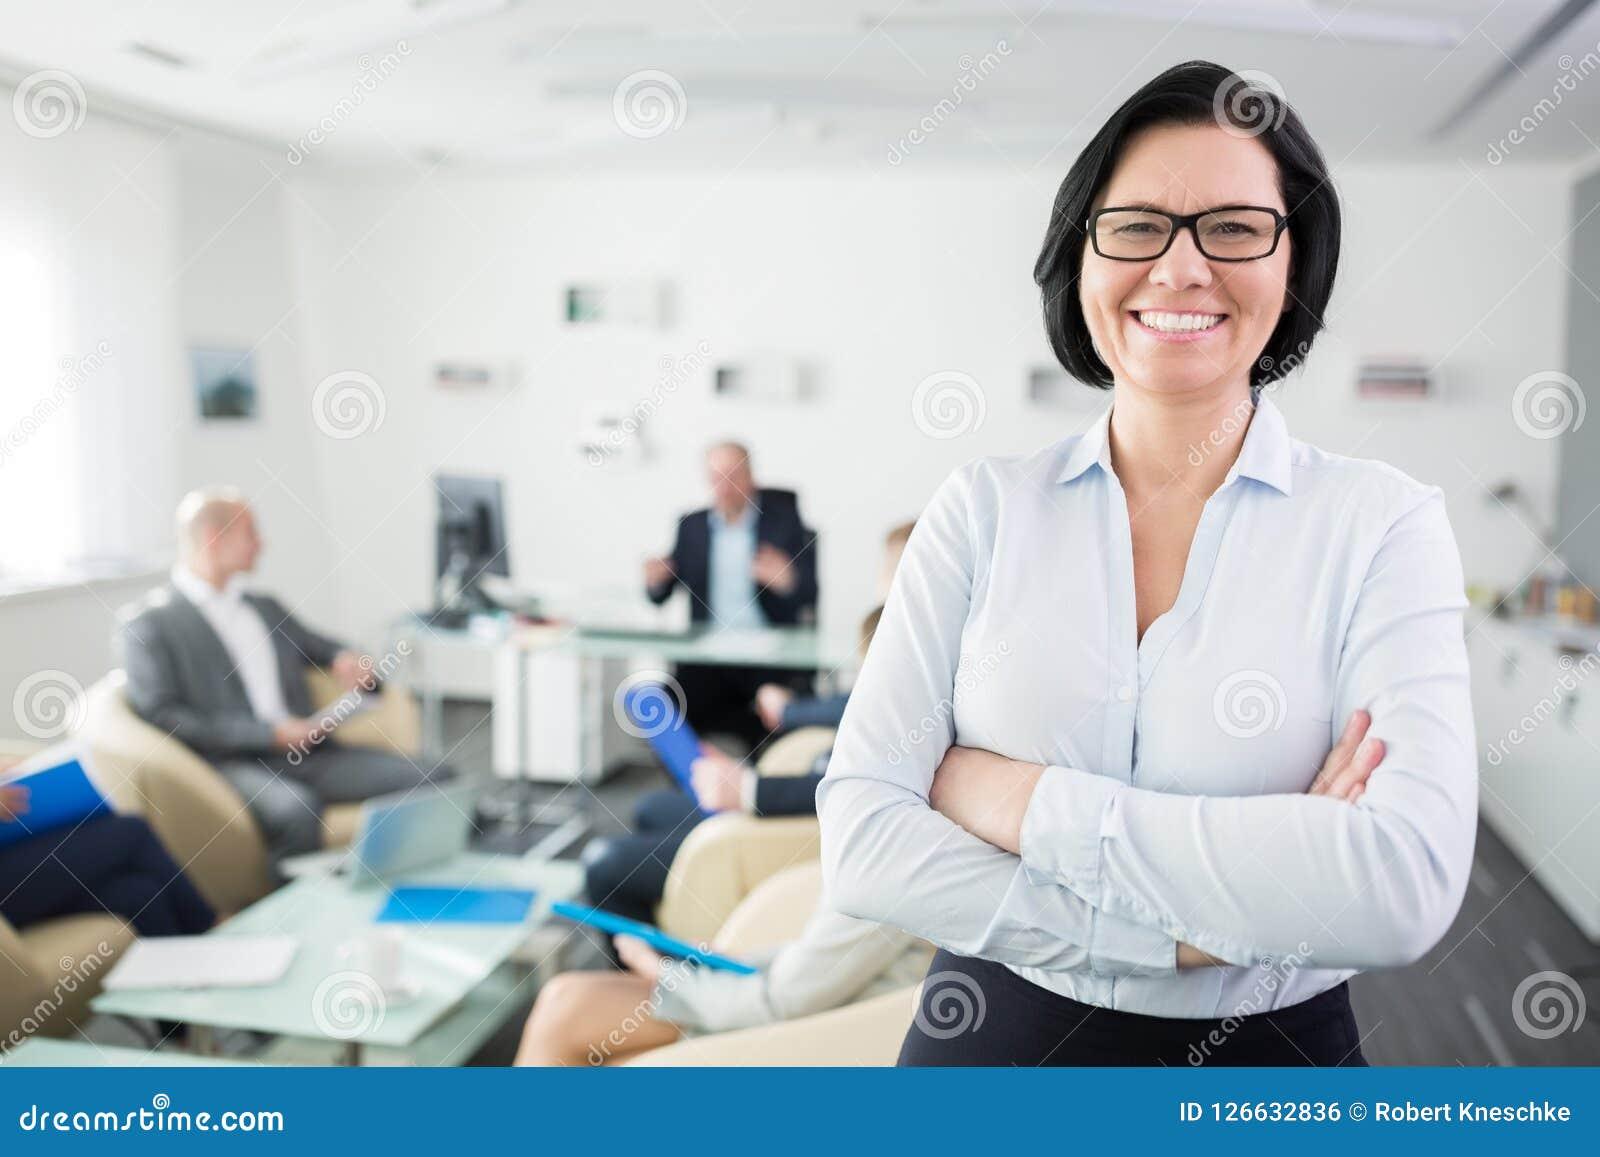 Glimlachende Onderneemster Standing Arms Crossed in Bureau